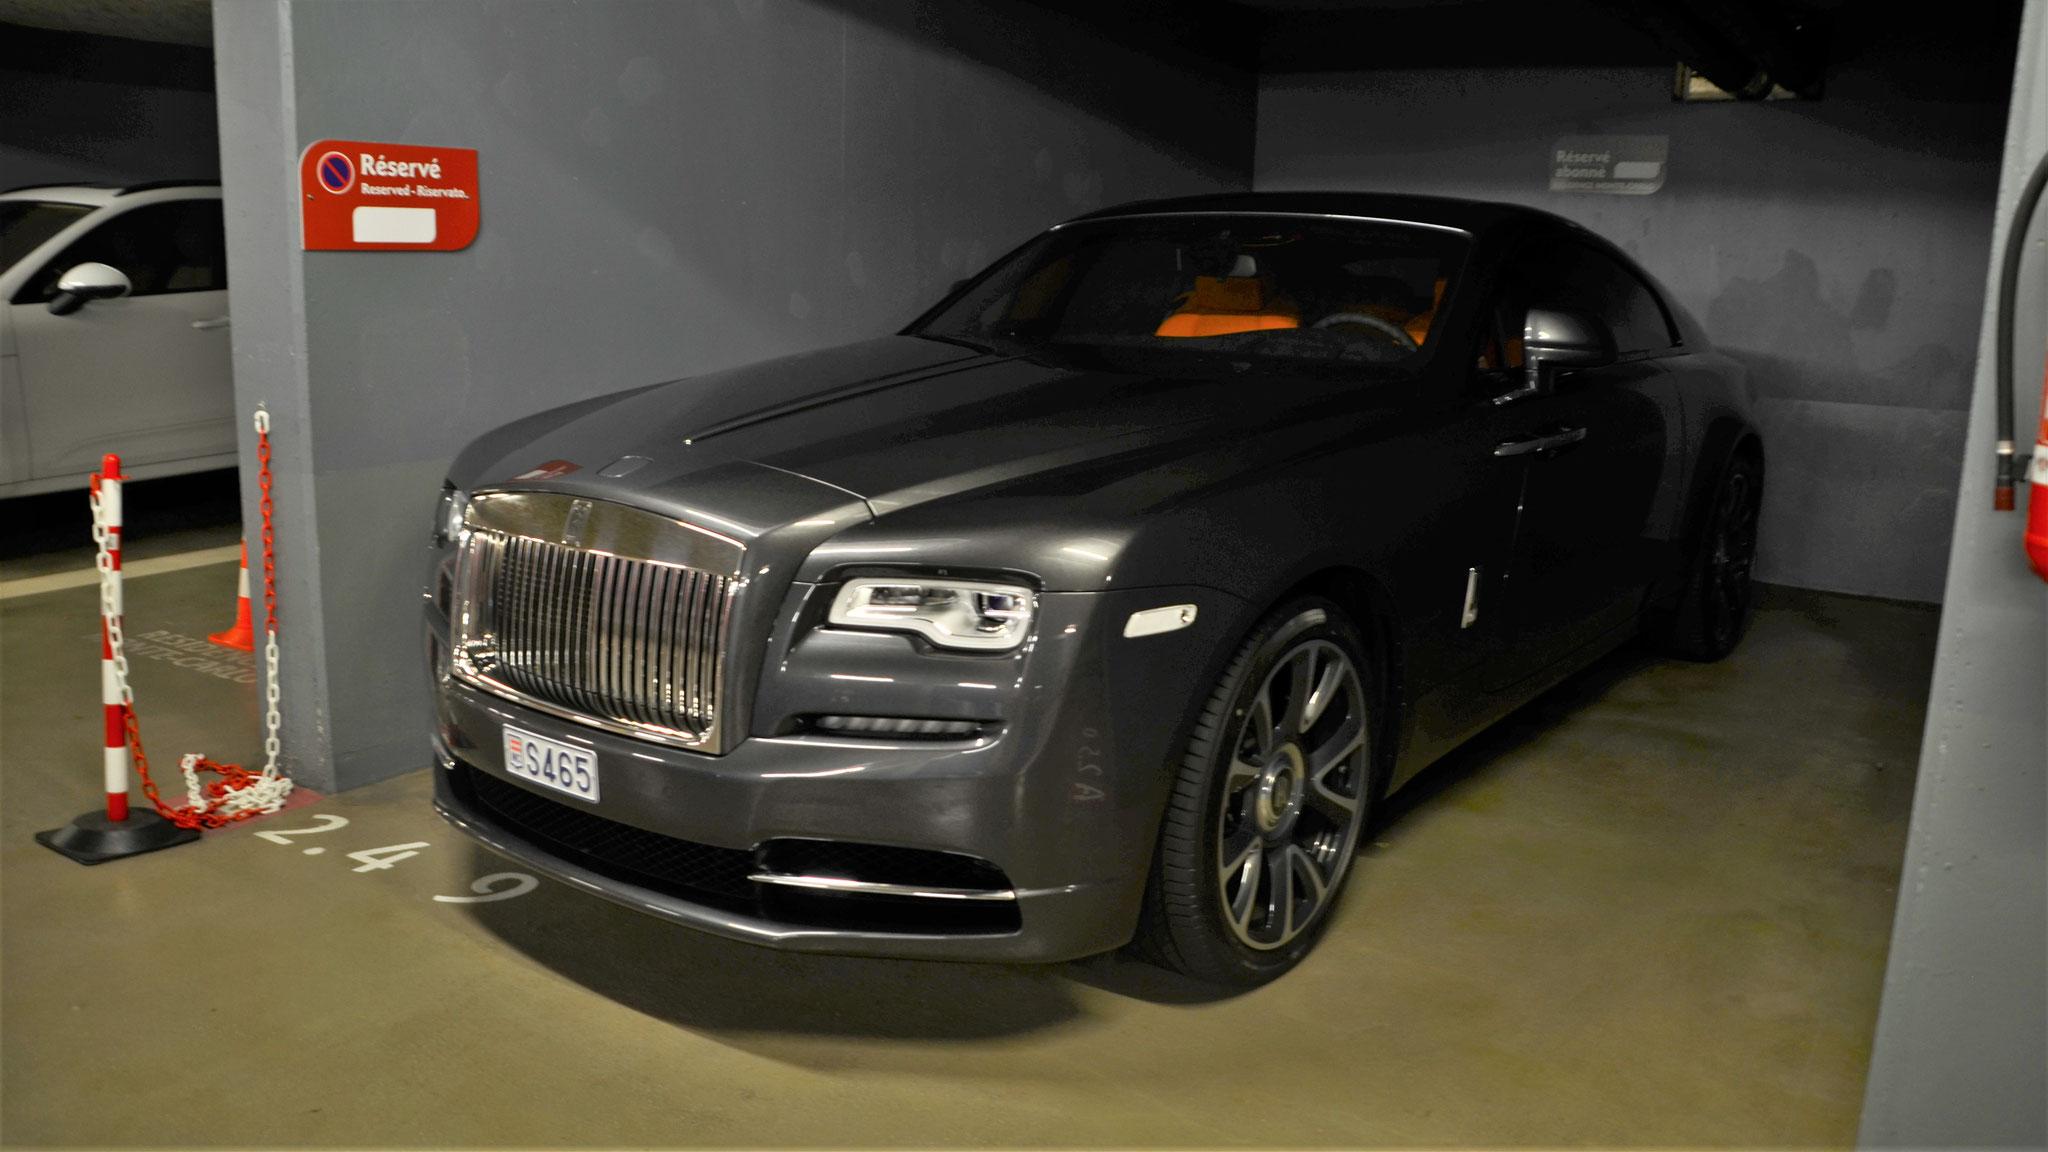 Rolls Royce Wraith - S465 (MC)